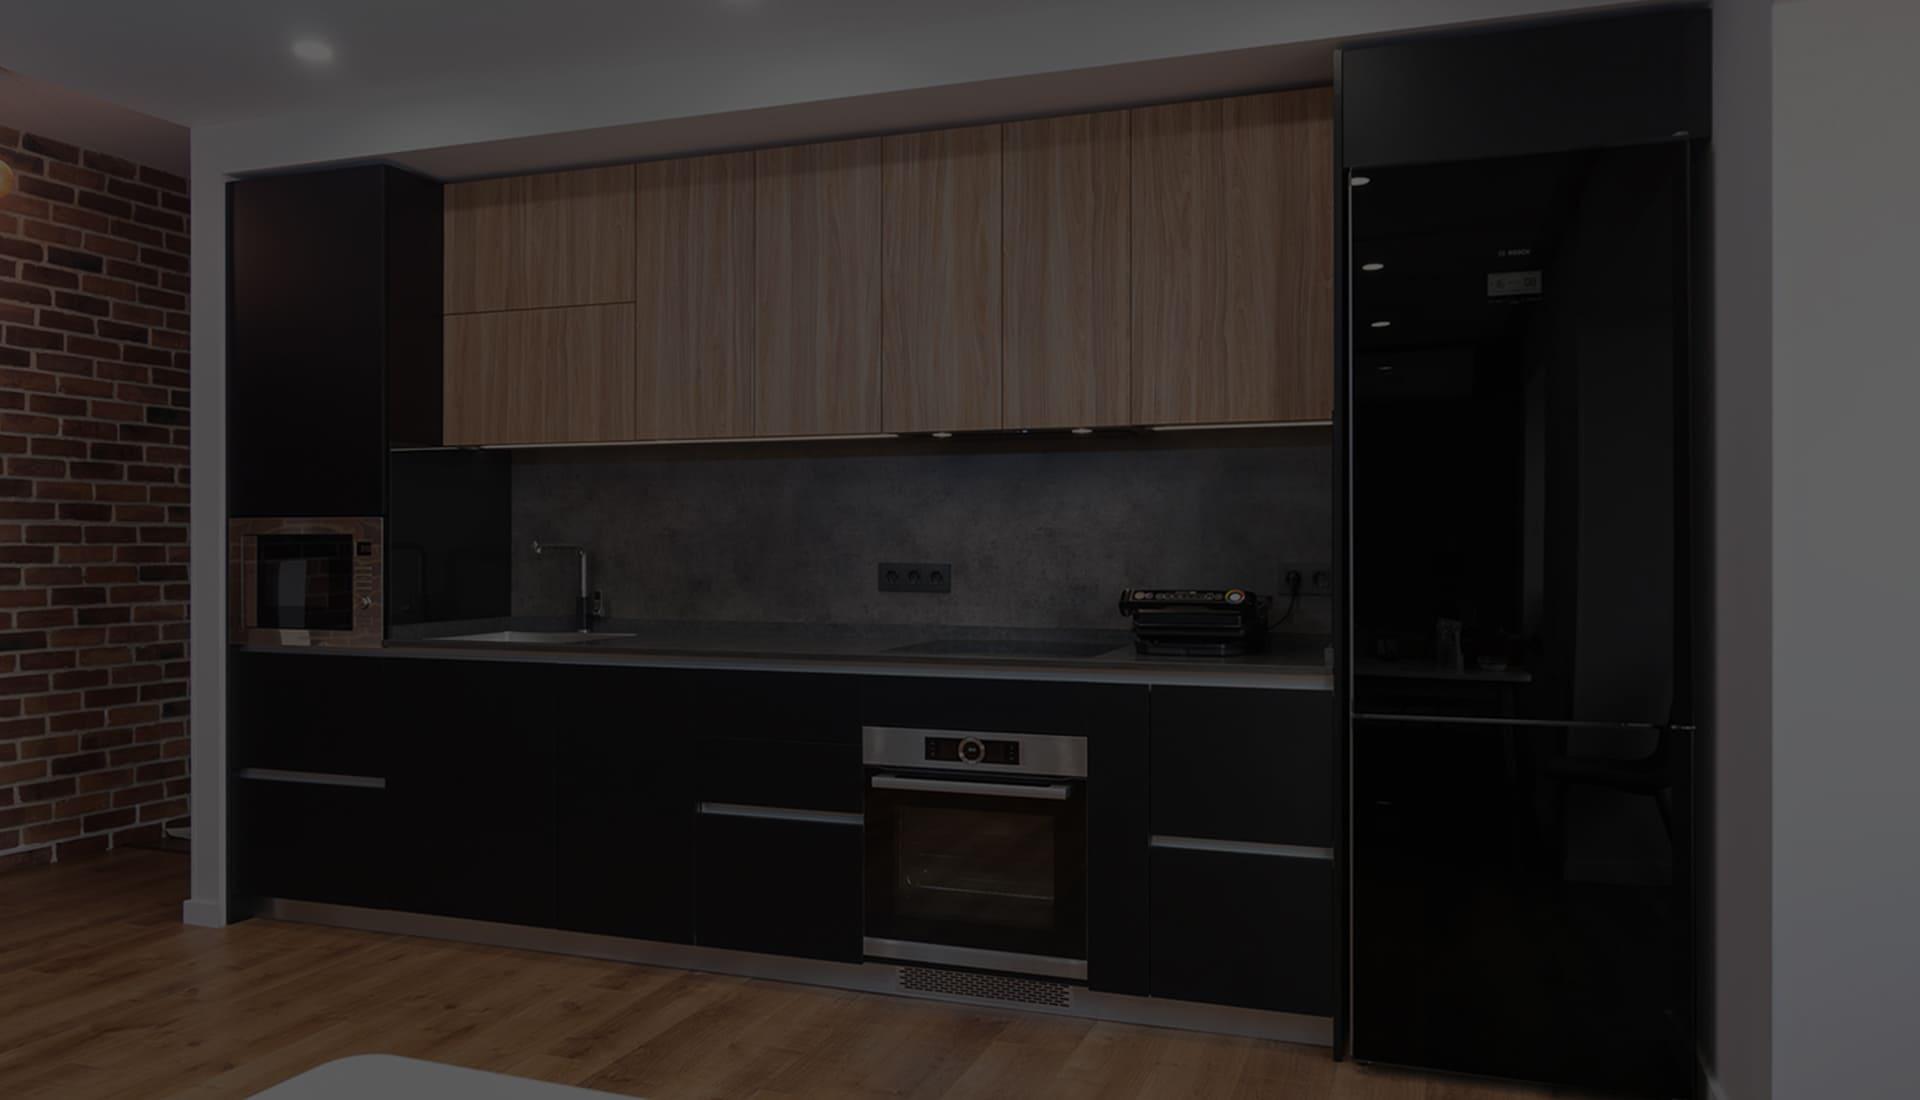 Современная кухня в индустриальном стиле